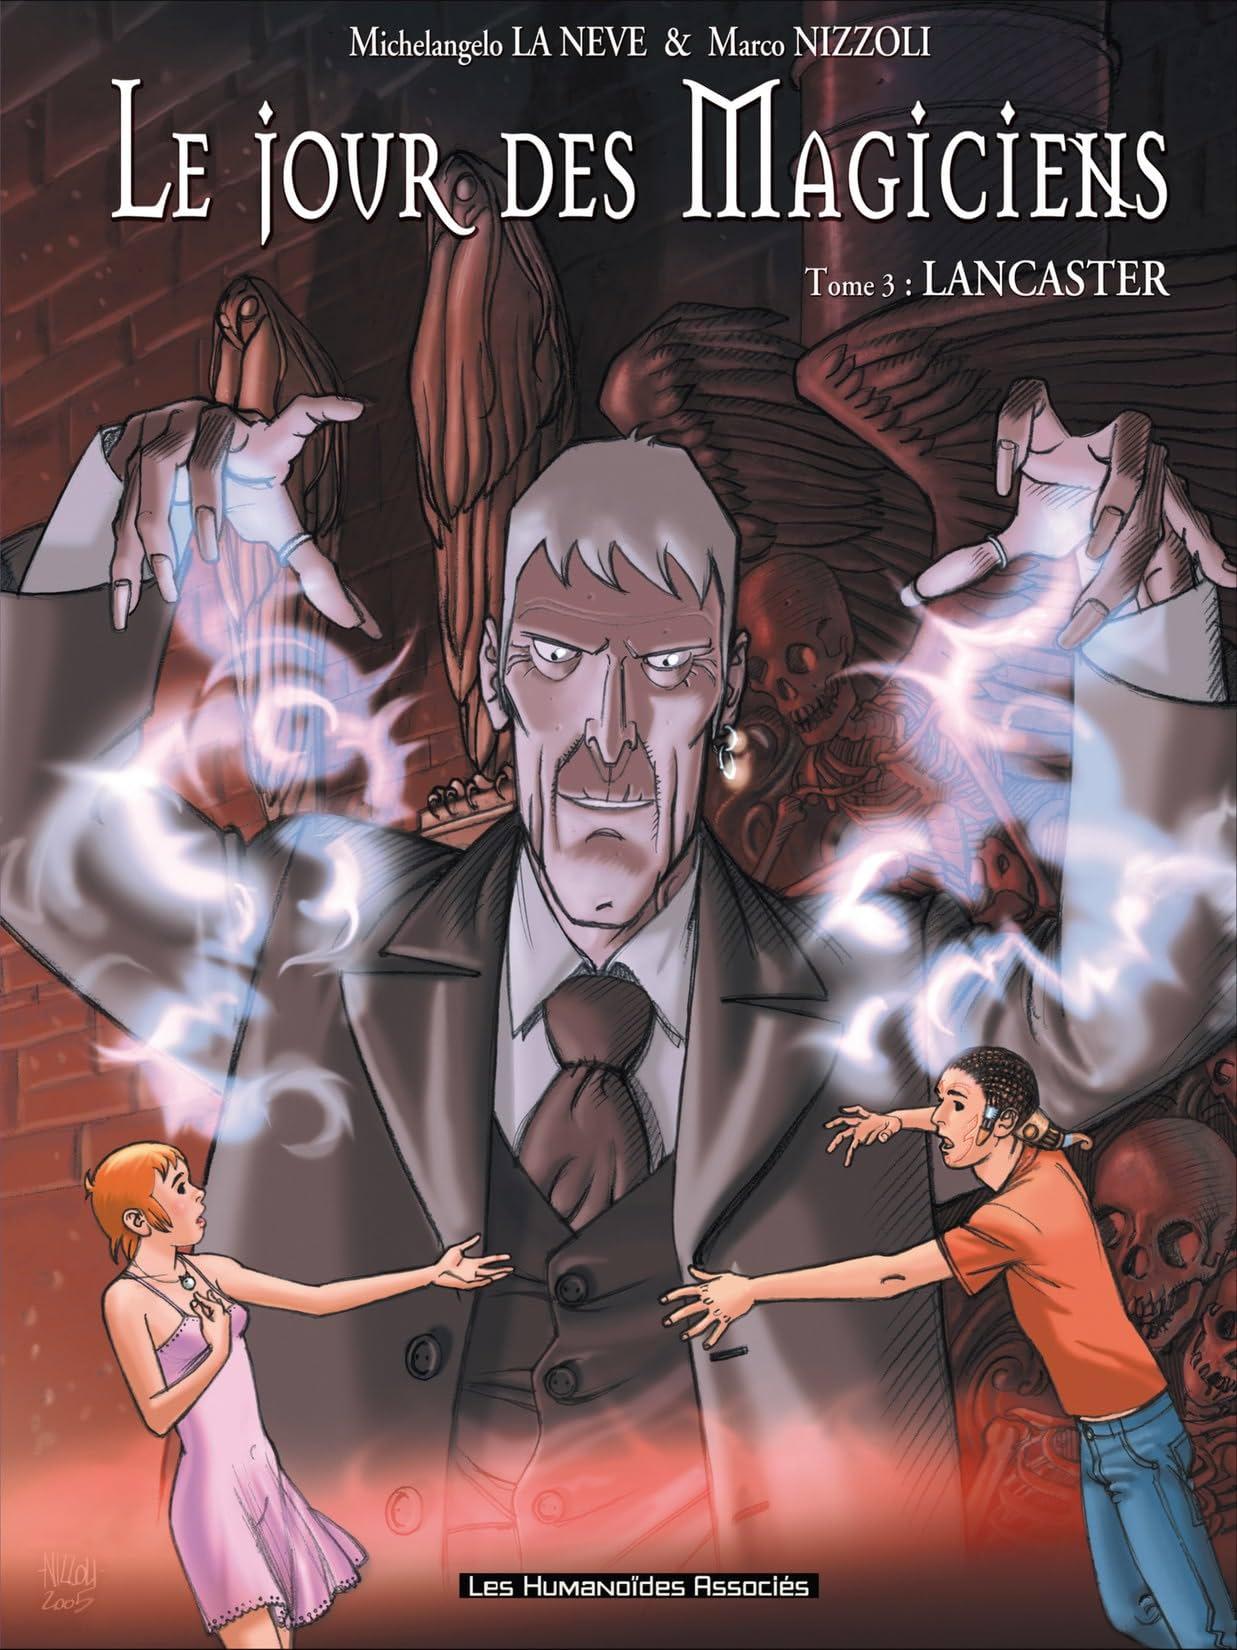 Le Jour des magiciens Vol. 3: Lancaster